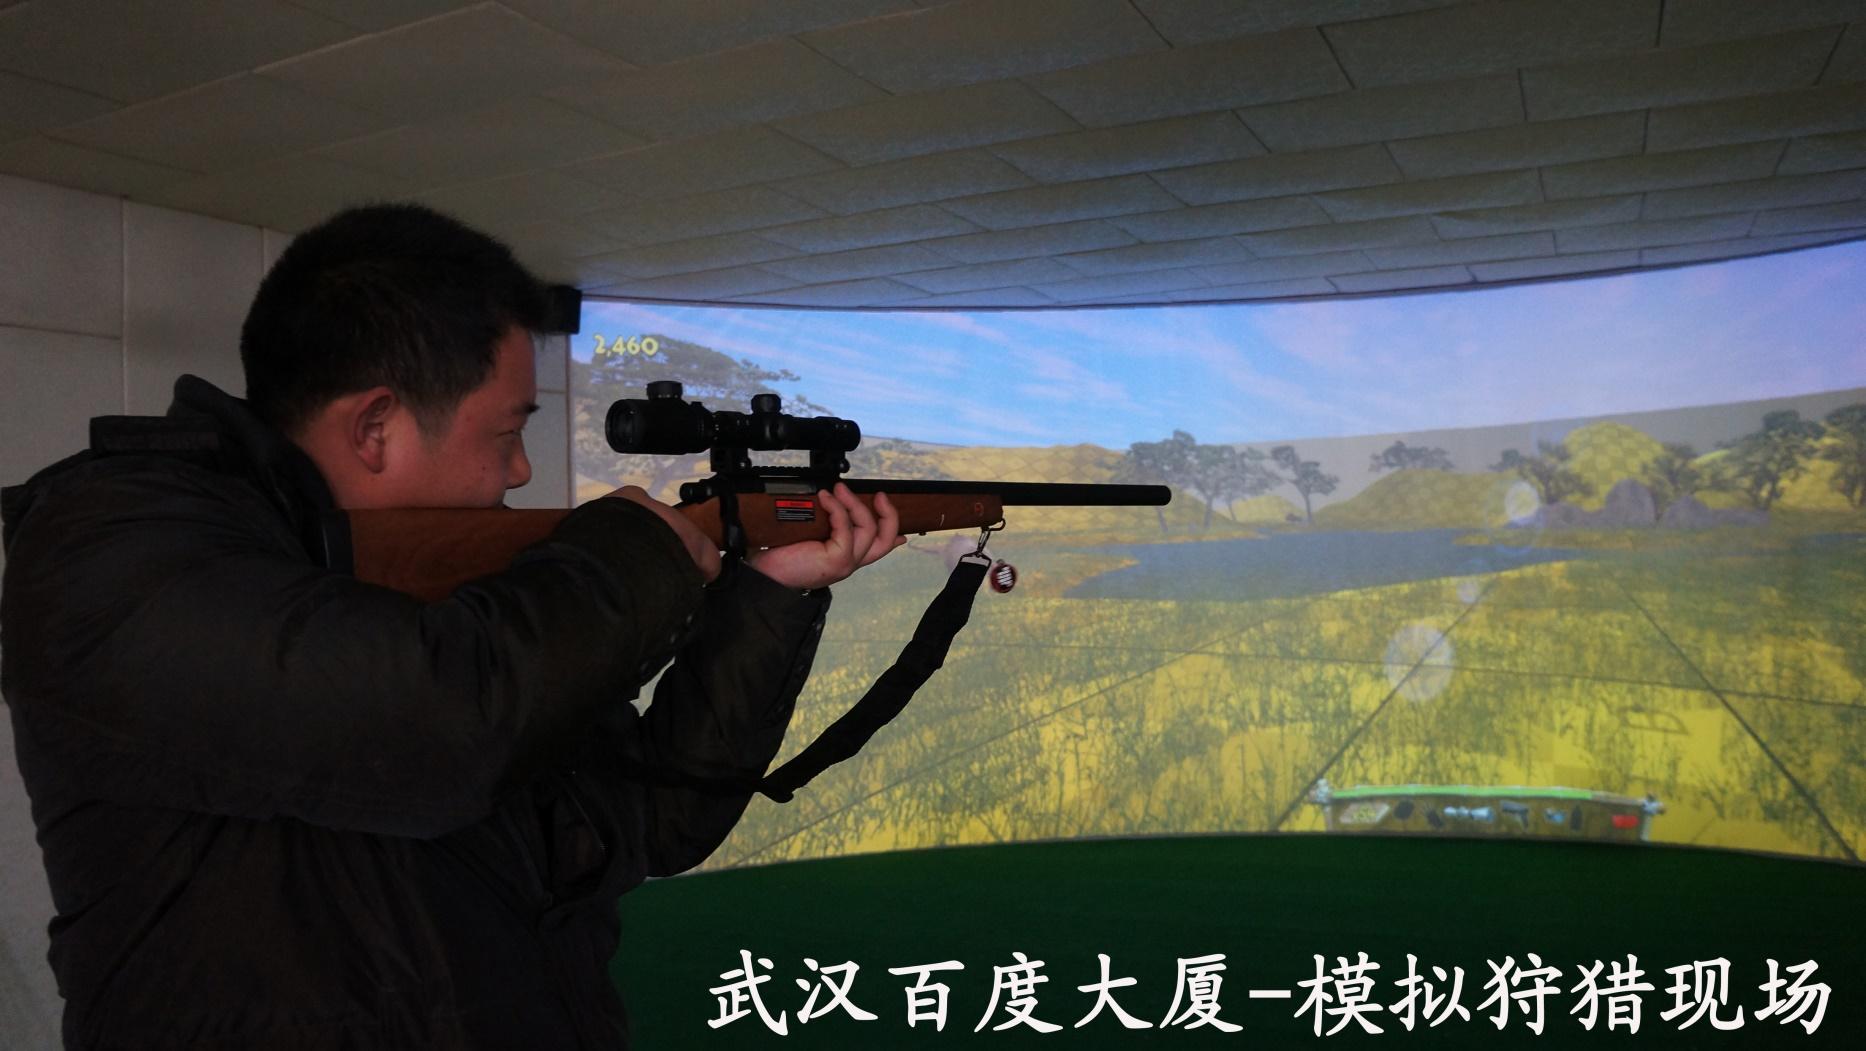 湖北武汉百度大厦VIP接待-模拟狩猎现场2